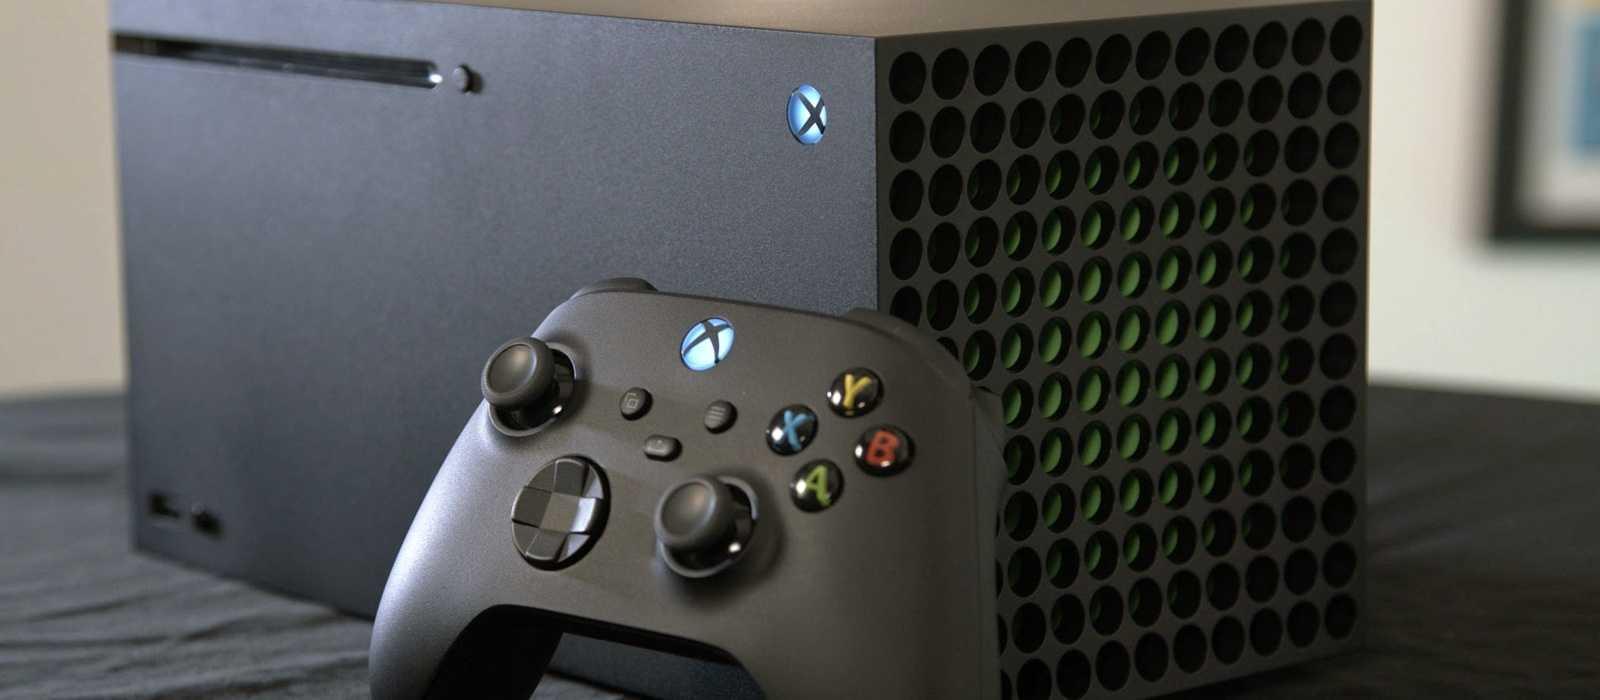 Geräusche wie im Kühlschrank: Xbox Series X hat ernsthafte Probleme mit Blu-ray-Laufwerken (Video)